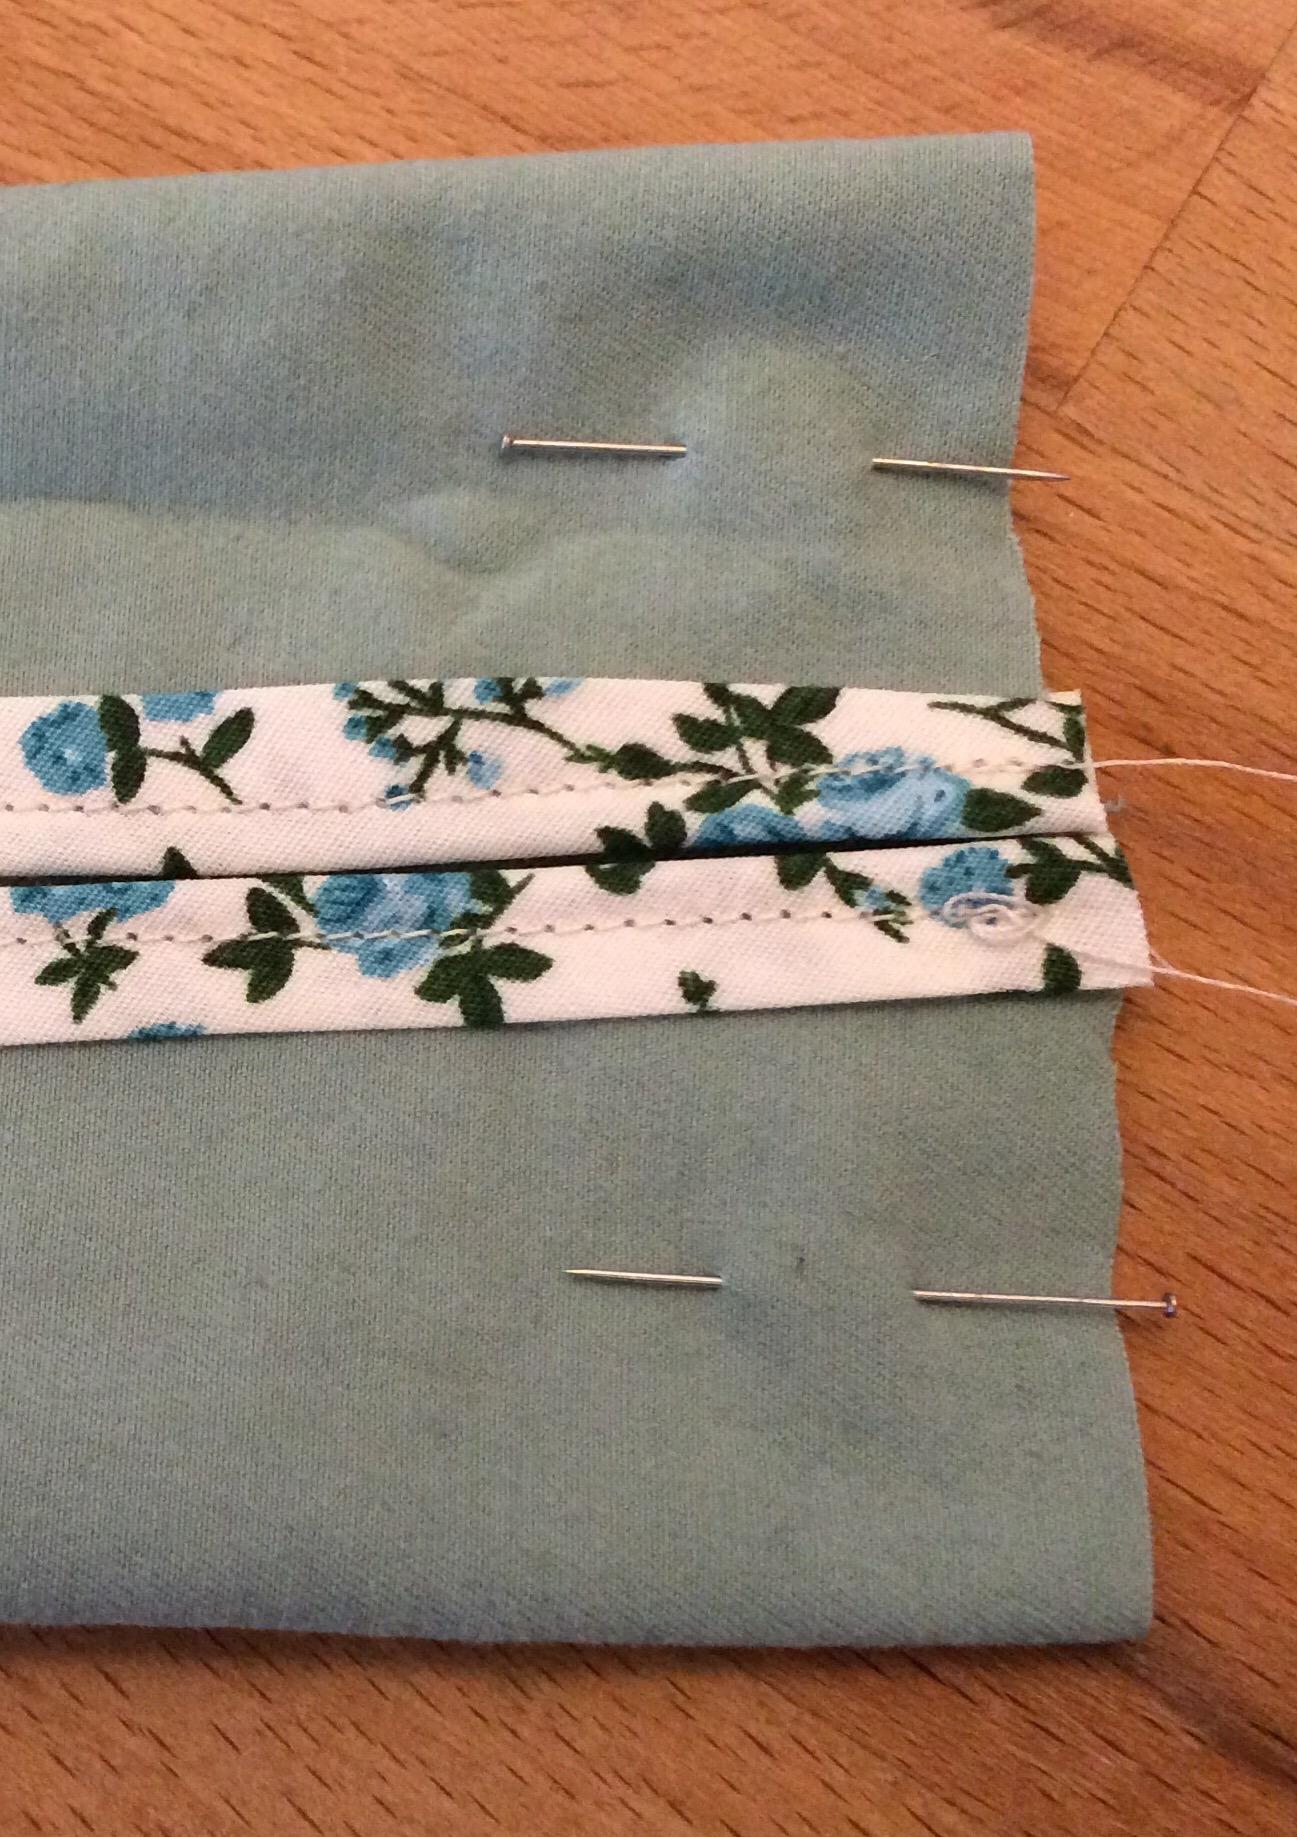 Dann faltet ihr die kurzen Seiten mit dem Schrägband zur Mitte, sodass die schöne (rechte) Stoffseite innen liegt, und...